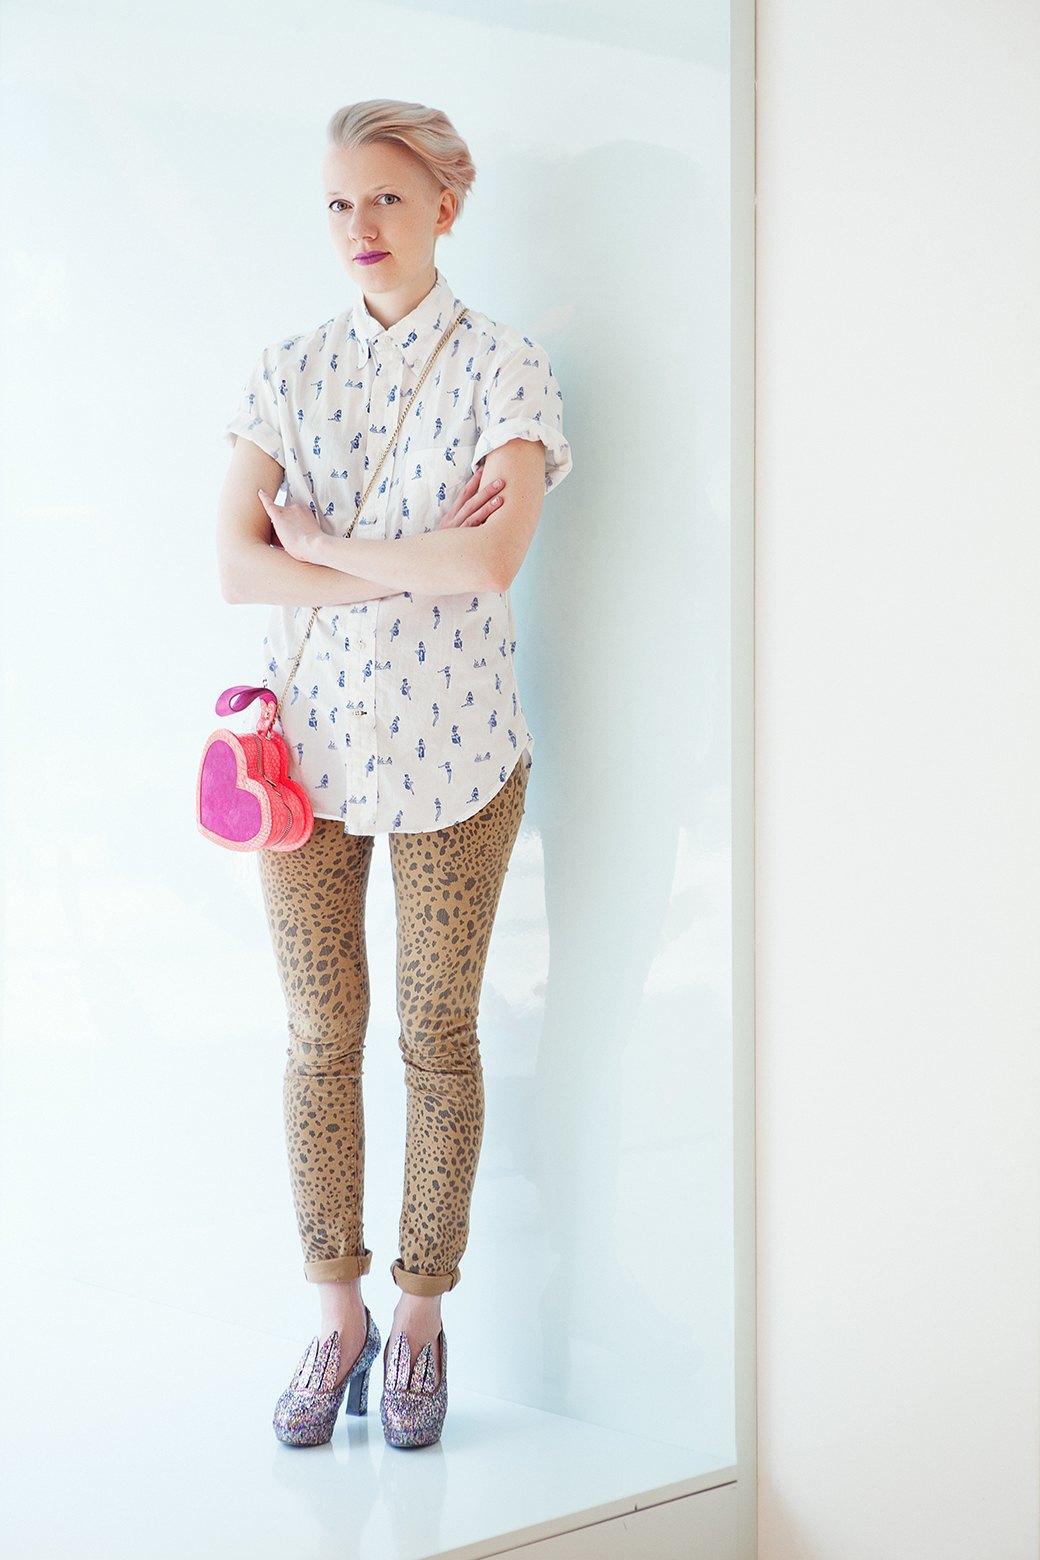 Фэшн-дизайнер Енни Алава  о любимых нарядах. Изображение № 33.